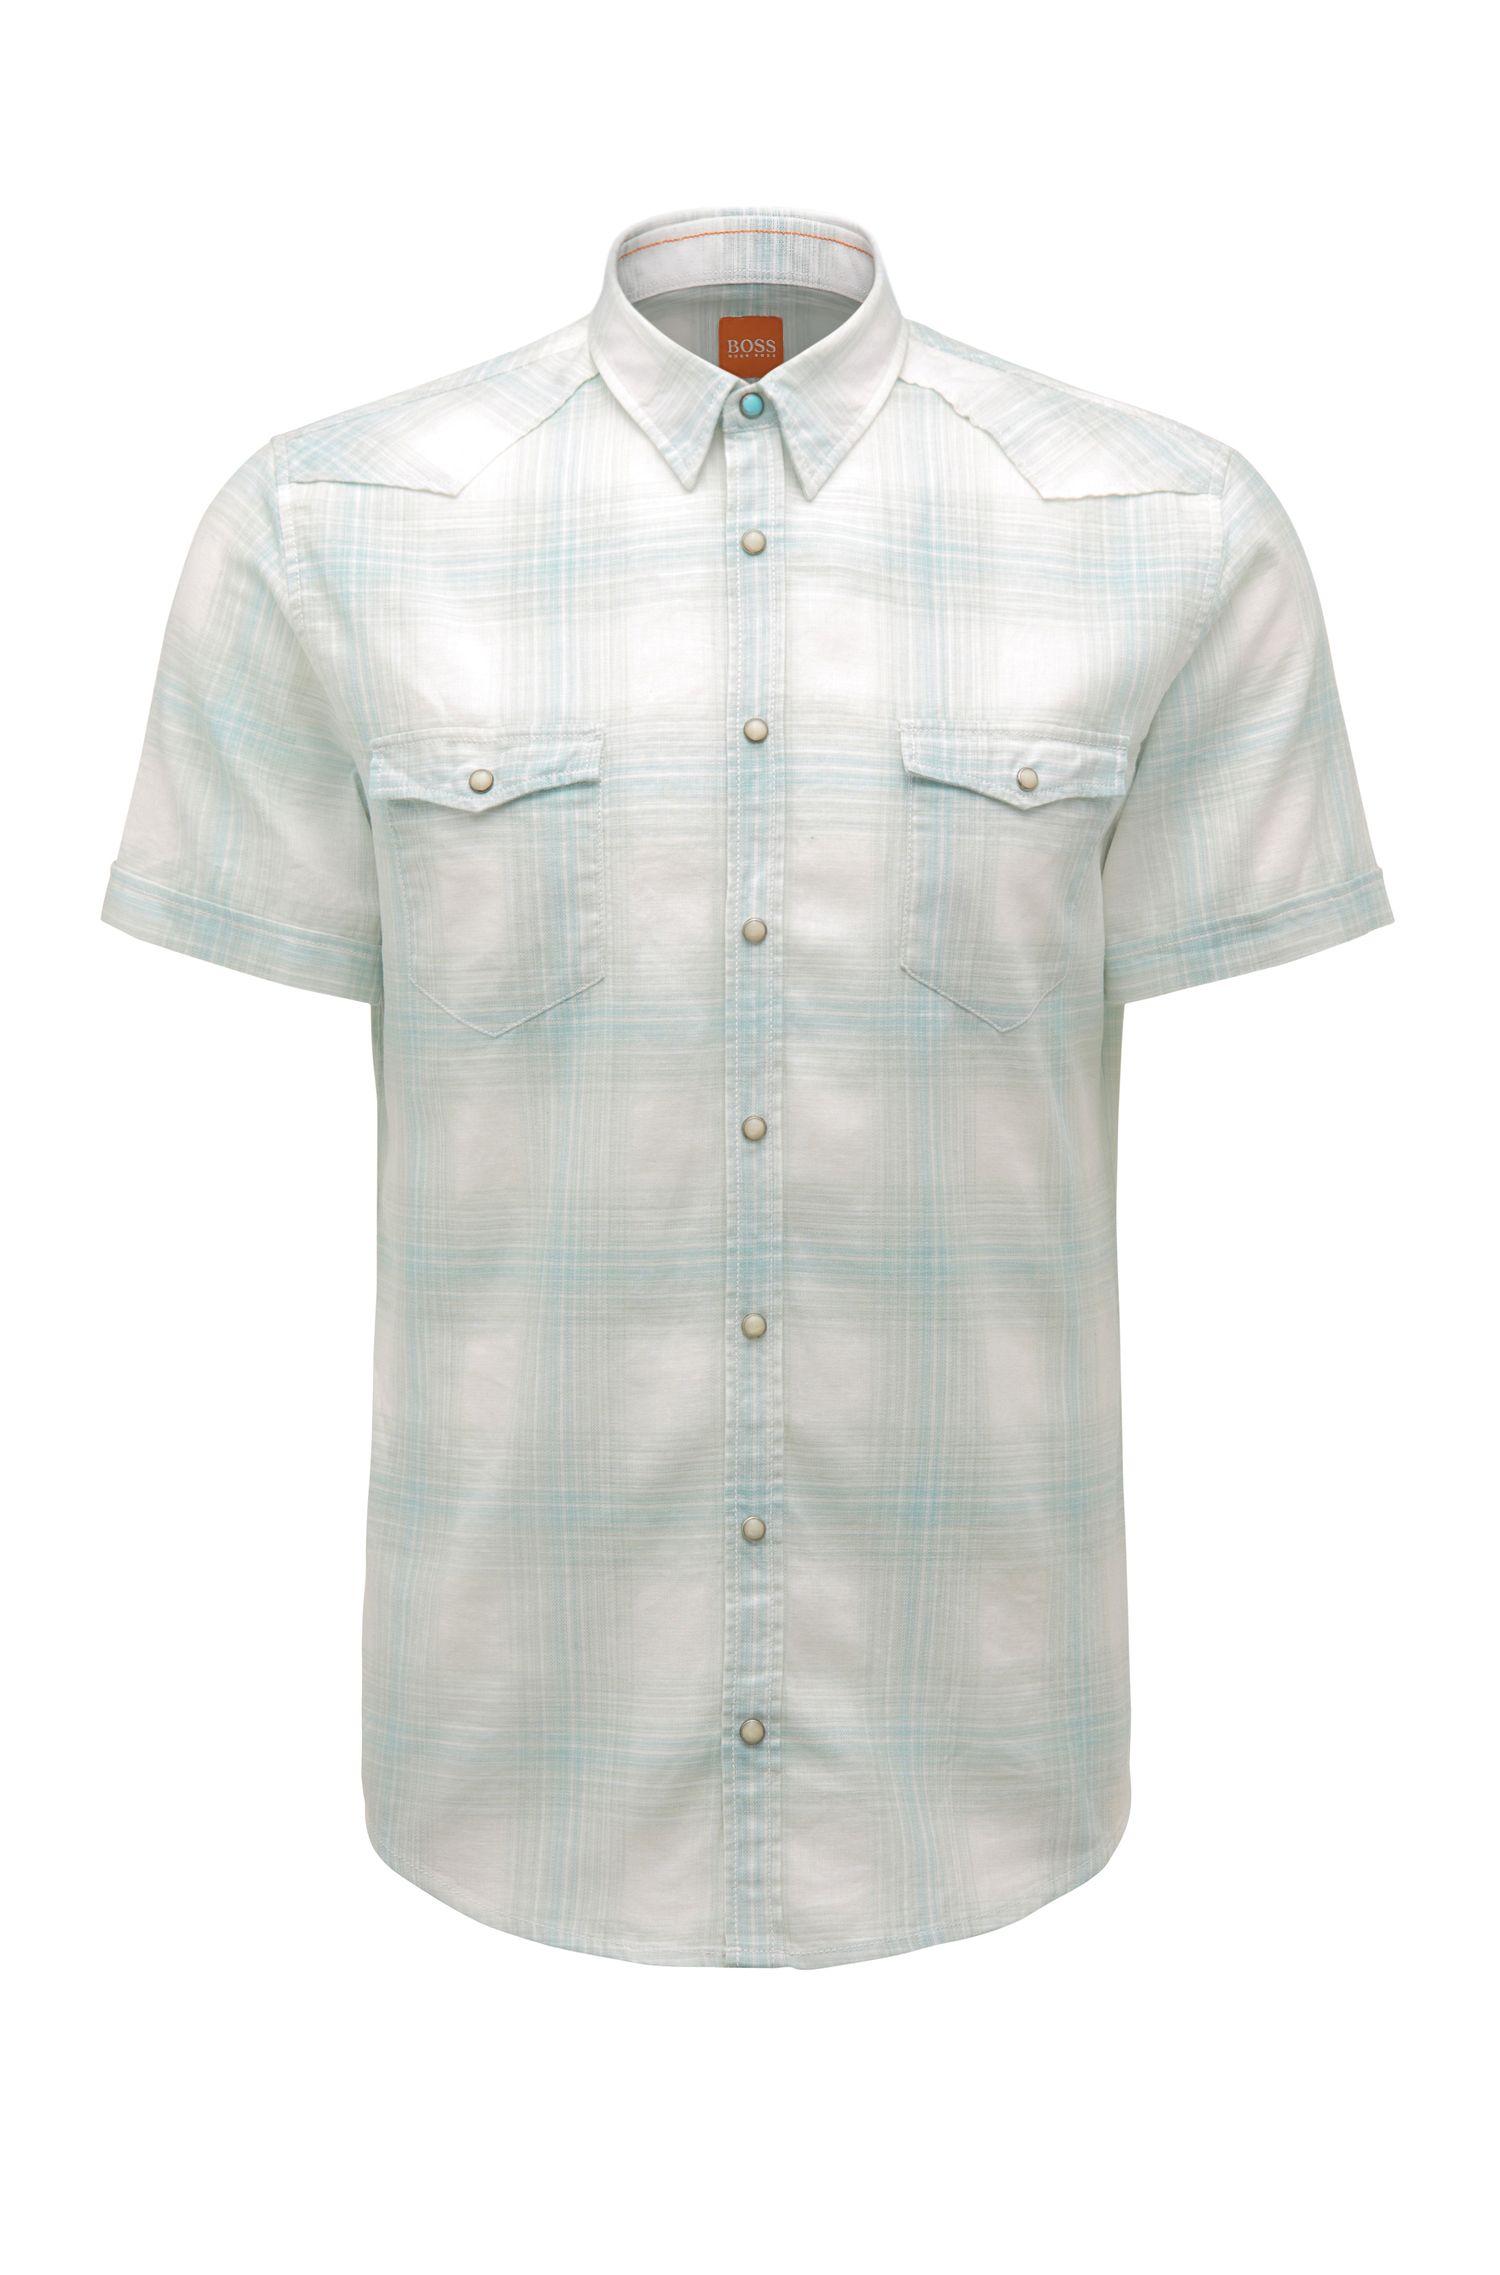 'Erodeo Short' | Slim Fit, Cotton Linen Plaid Button Down Shirt